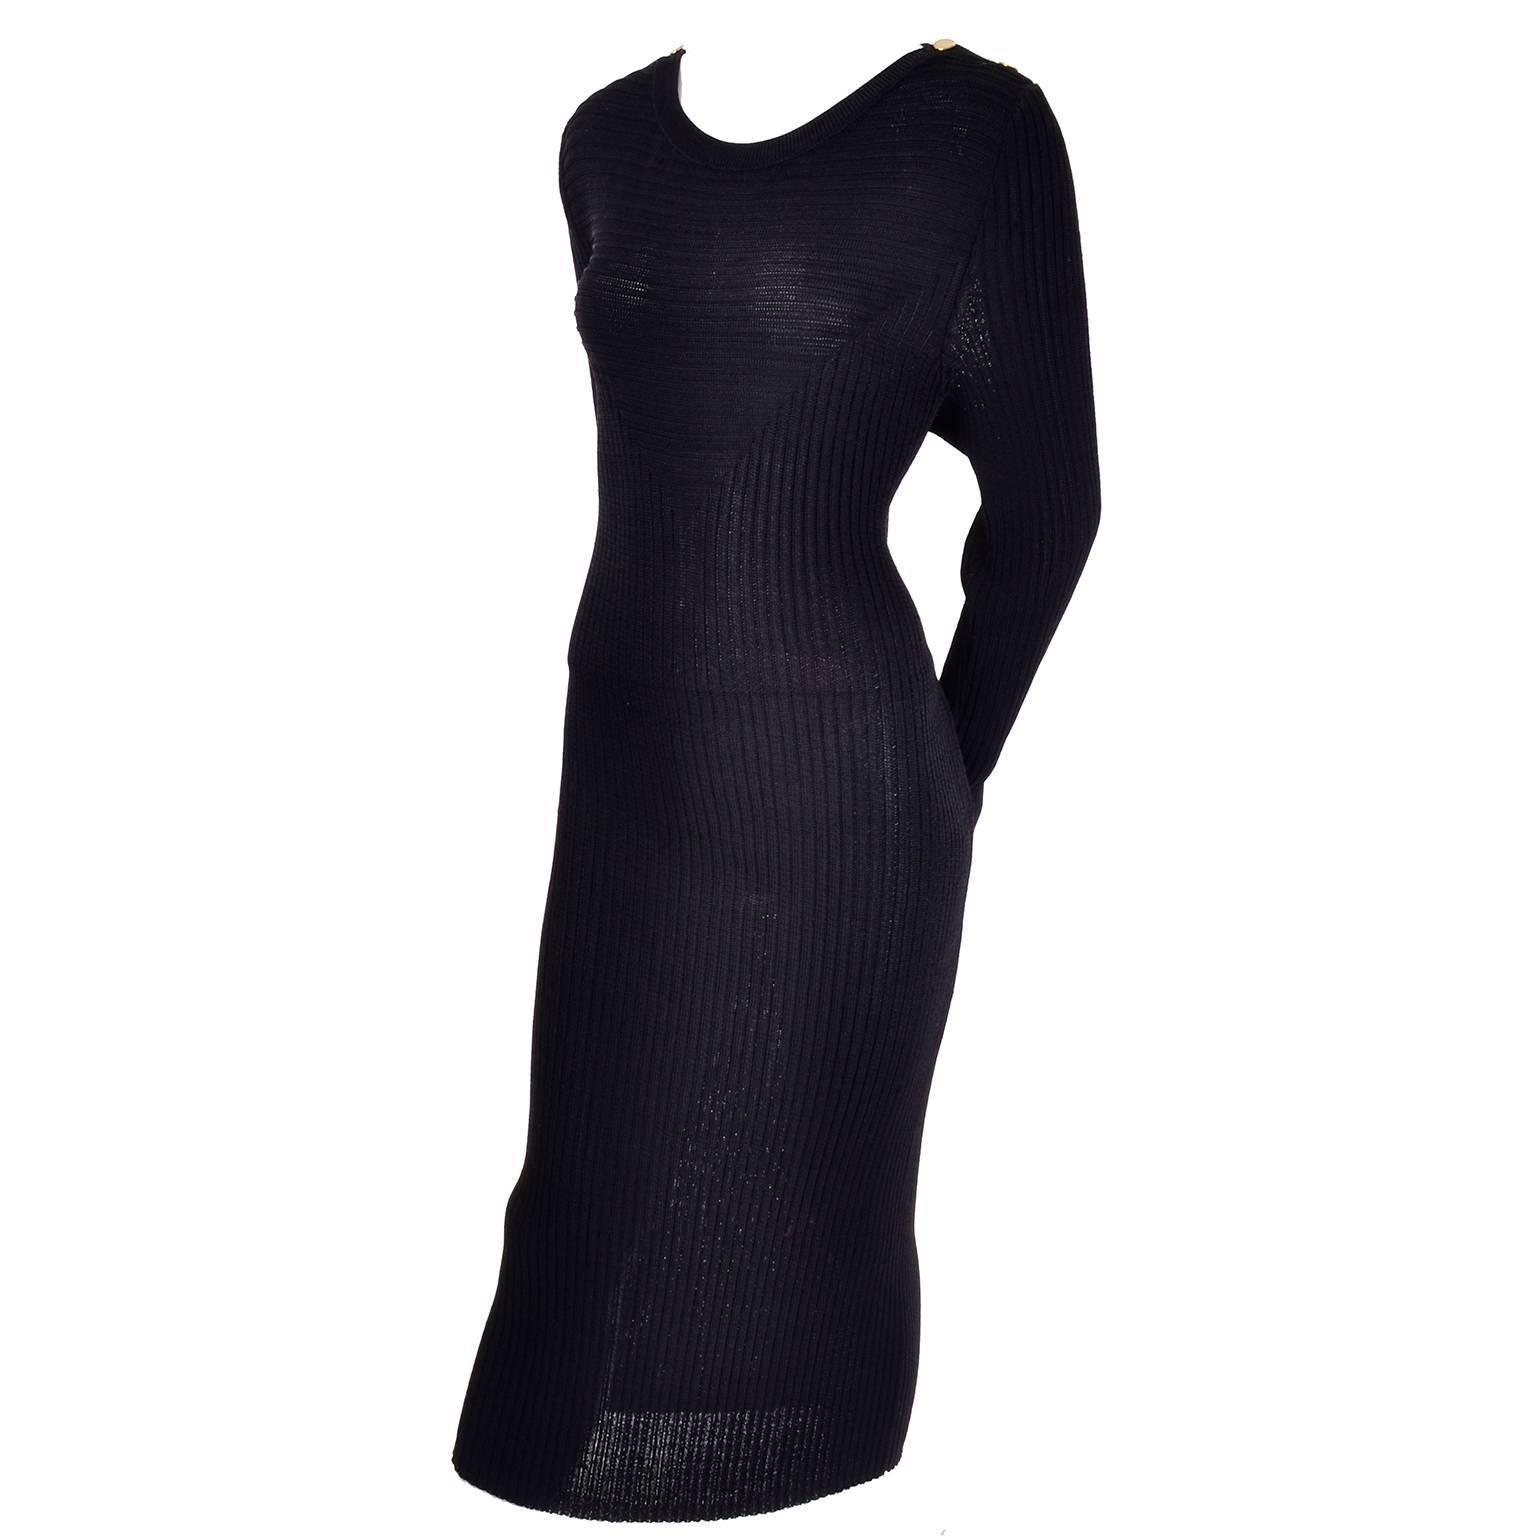 1980s Yves Saint Laurent Vintage Bodycon Black Knit Dress